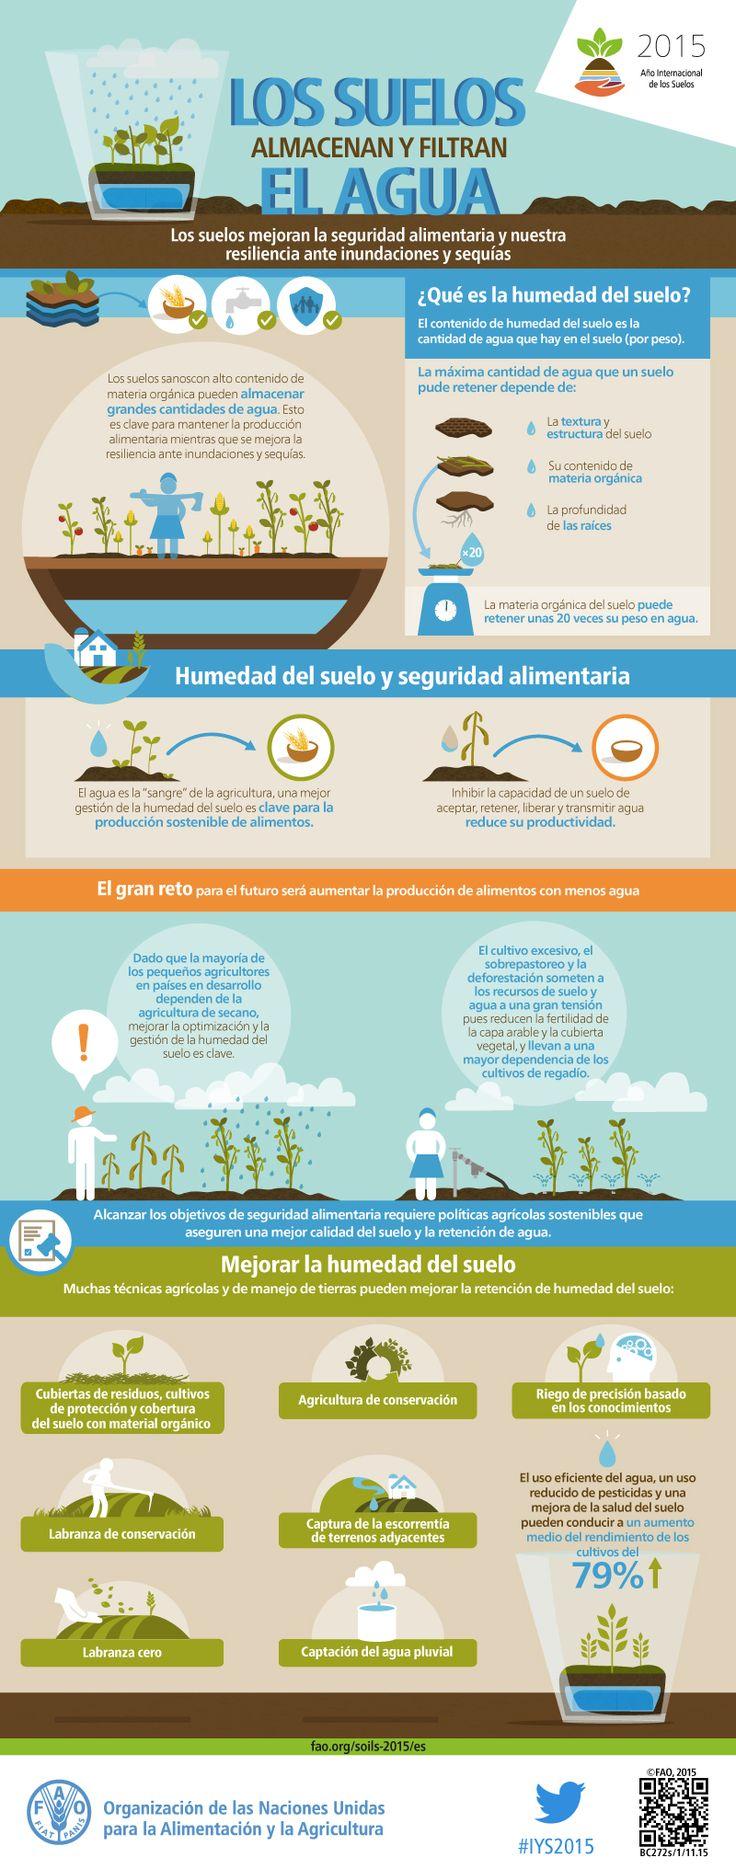 Los suelos almacenan y filtran agua - Estas funciones contribuyen a la seguridad alimentaria y generan resiliencia ante inundaciones y sequías